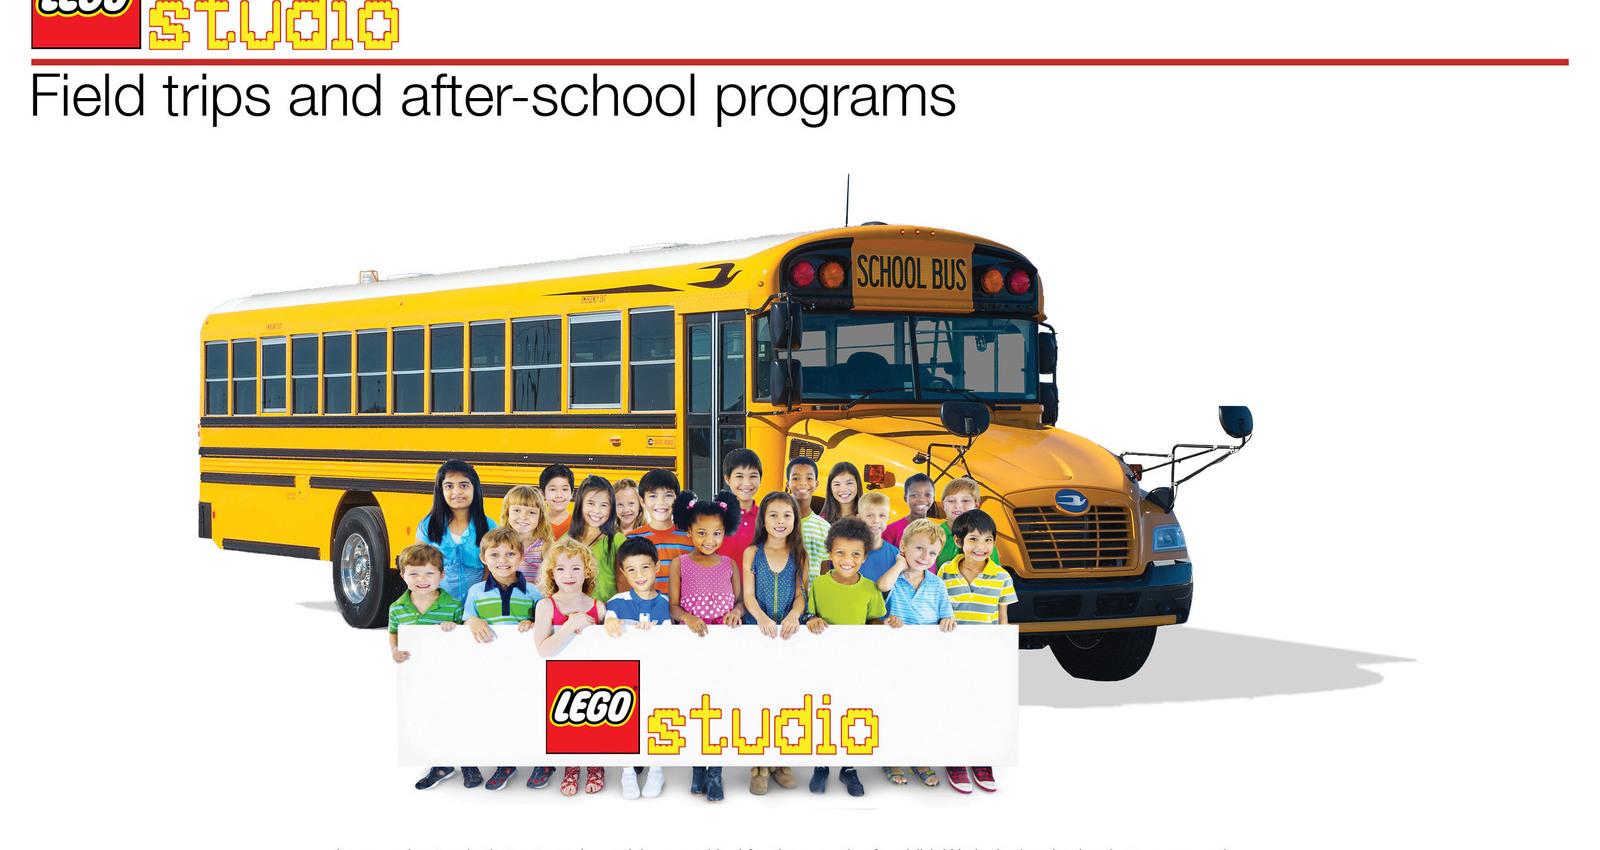 Lego Studio